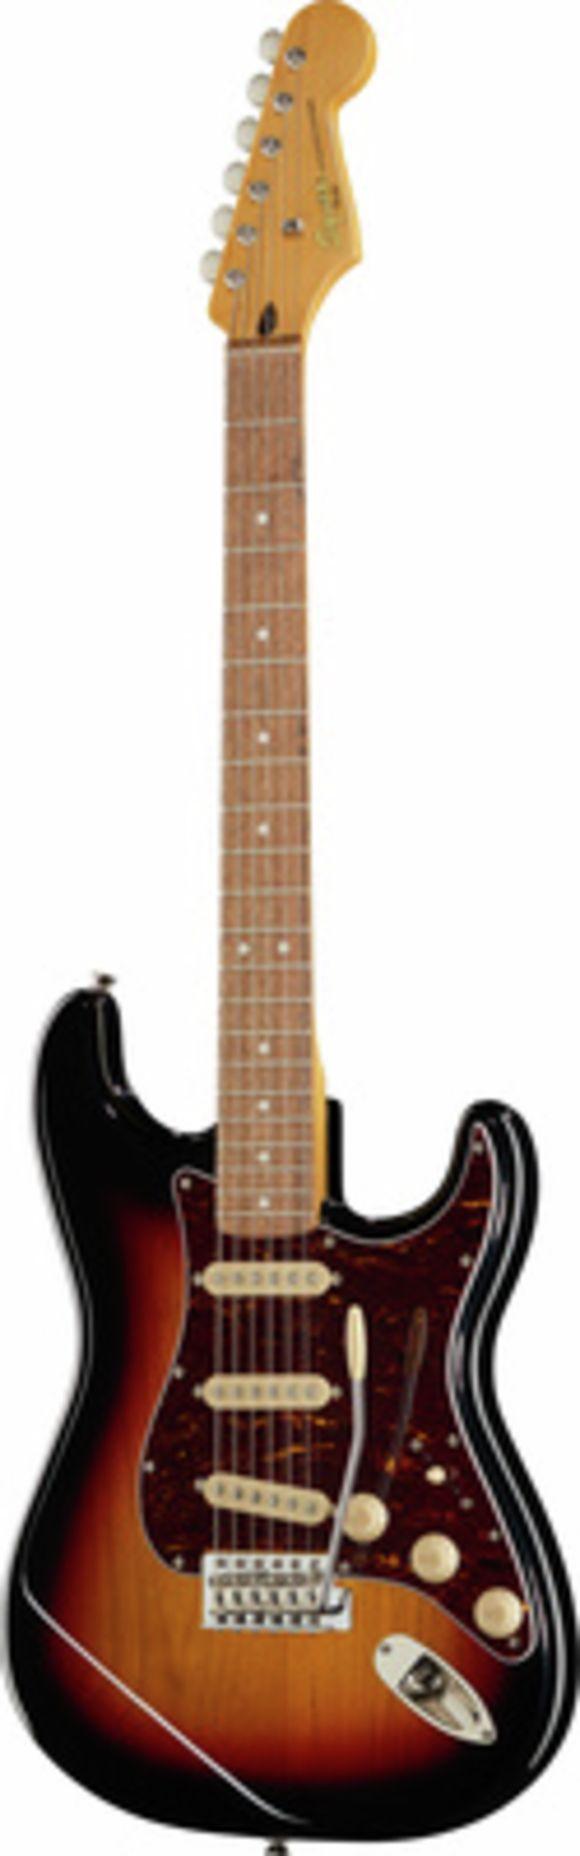 SQ Classic Vibe Strat 60s IL Fender